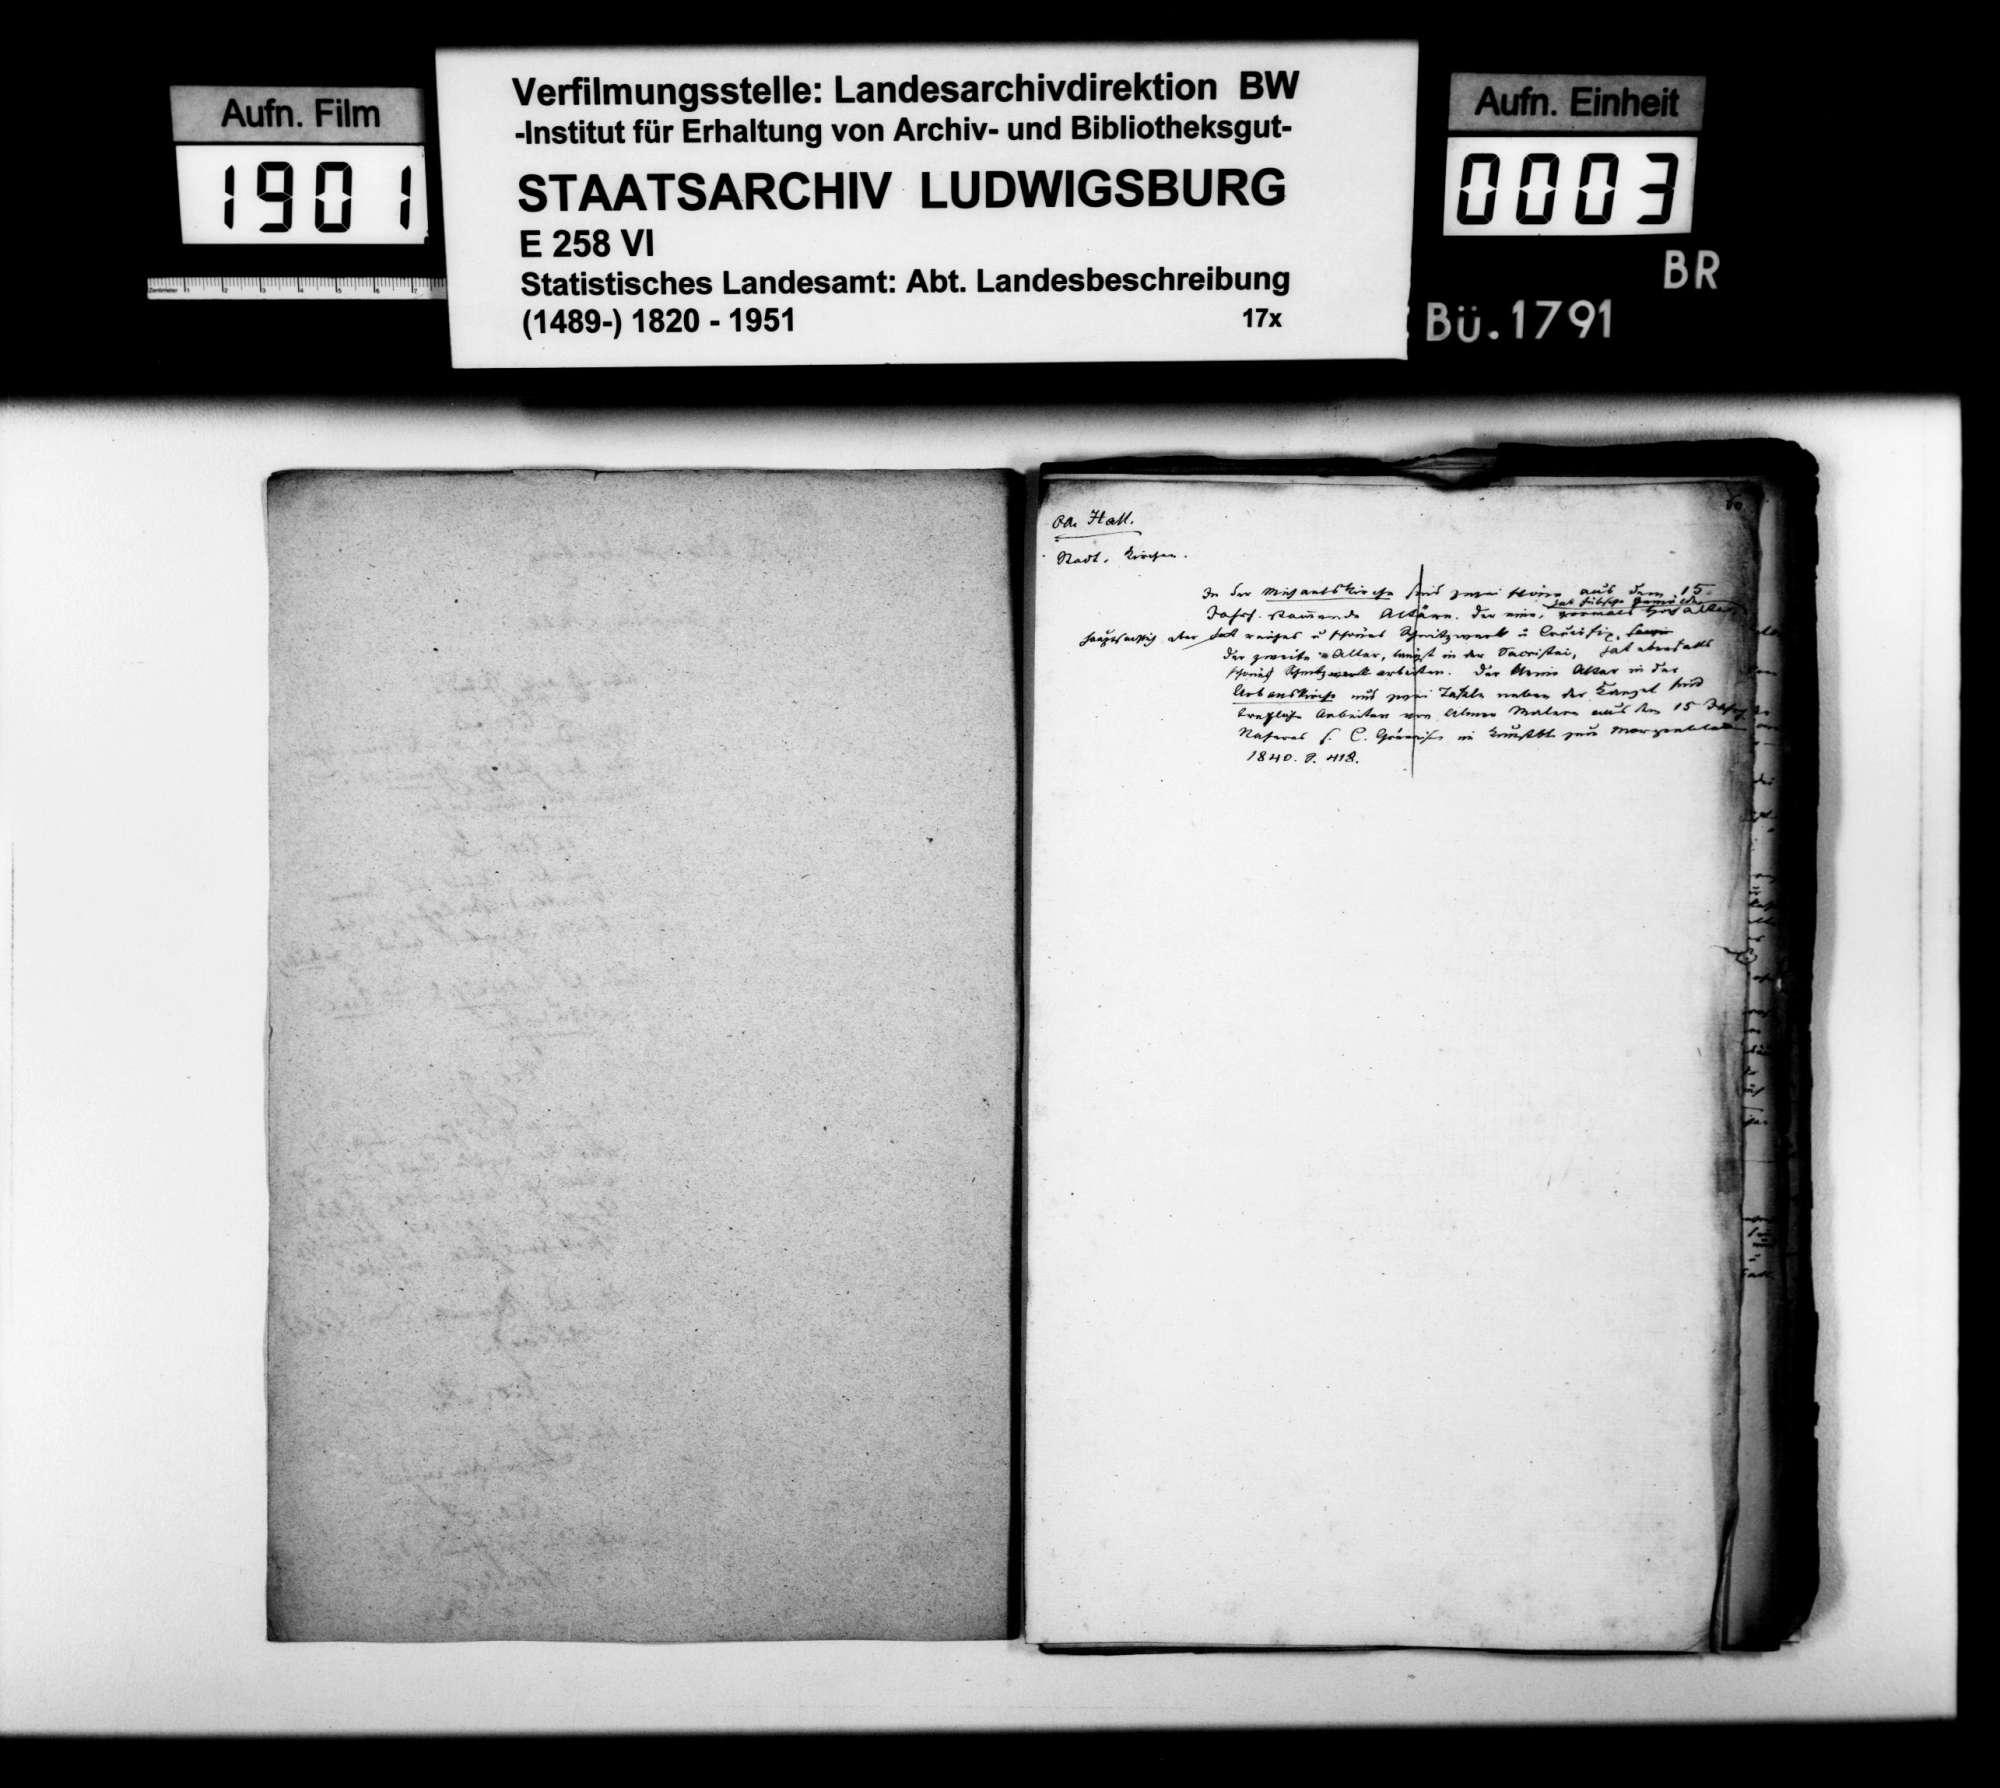 Notizen, Auszüge aus Archivaldokumenten und Textmanuskript [des Finanzrats Moser] zu Teil B (Ortsbeschreibung) der OAB, Bild 2